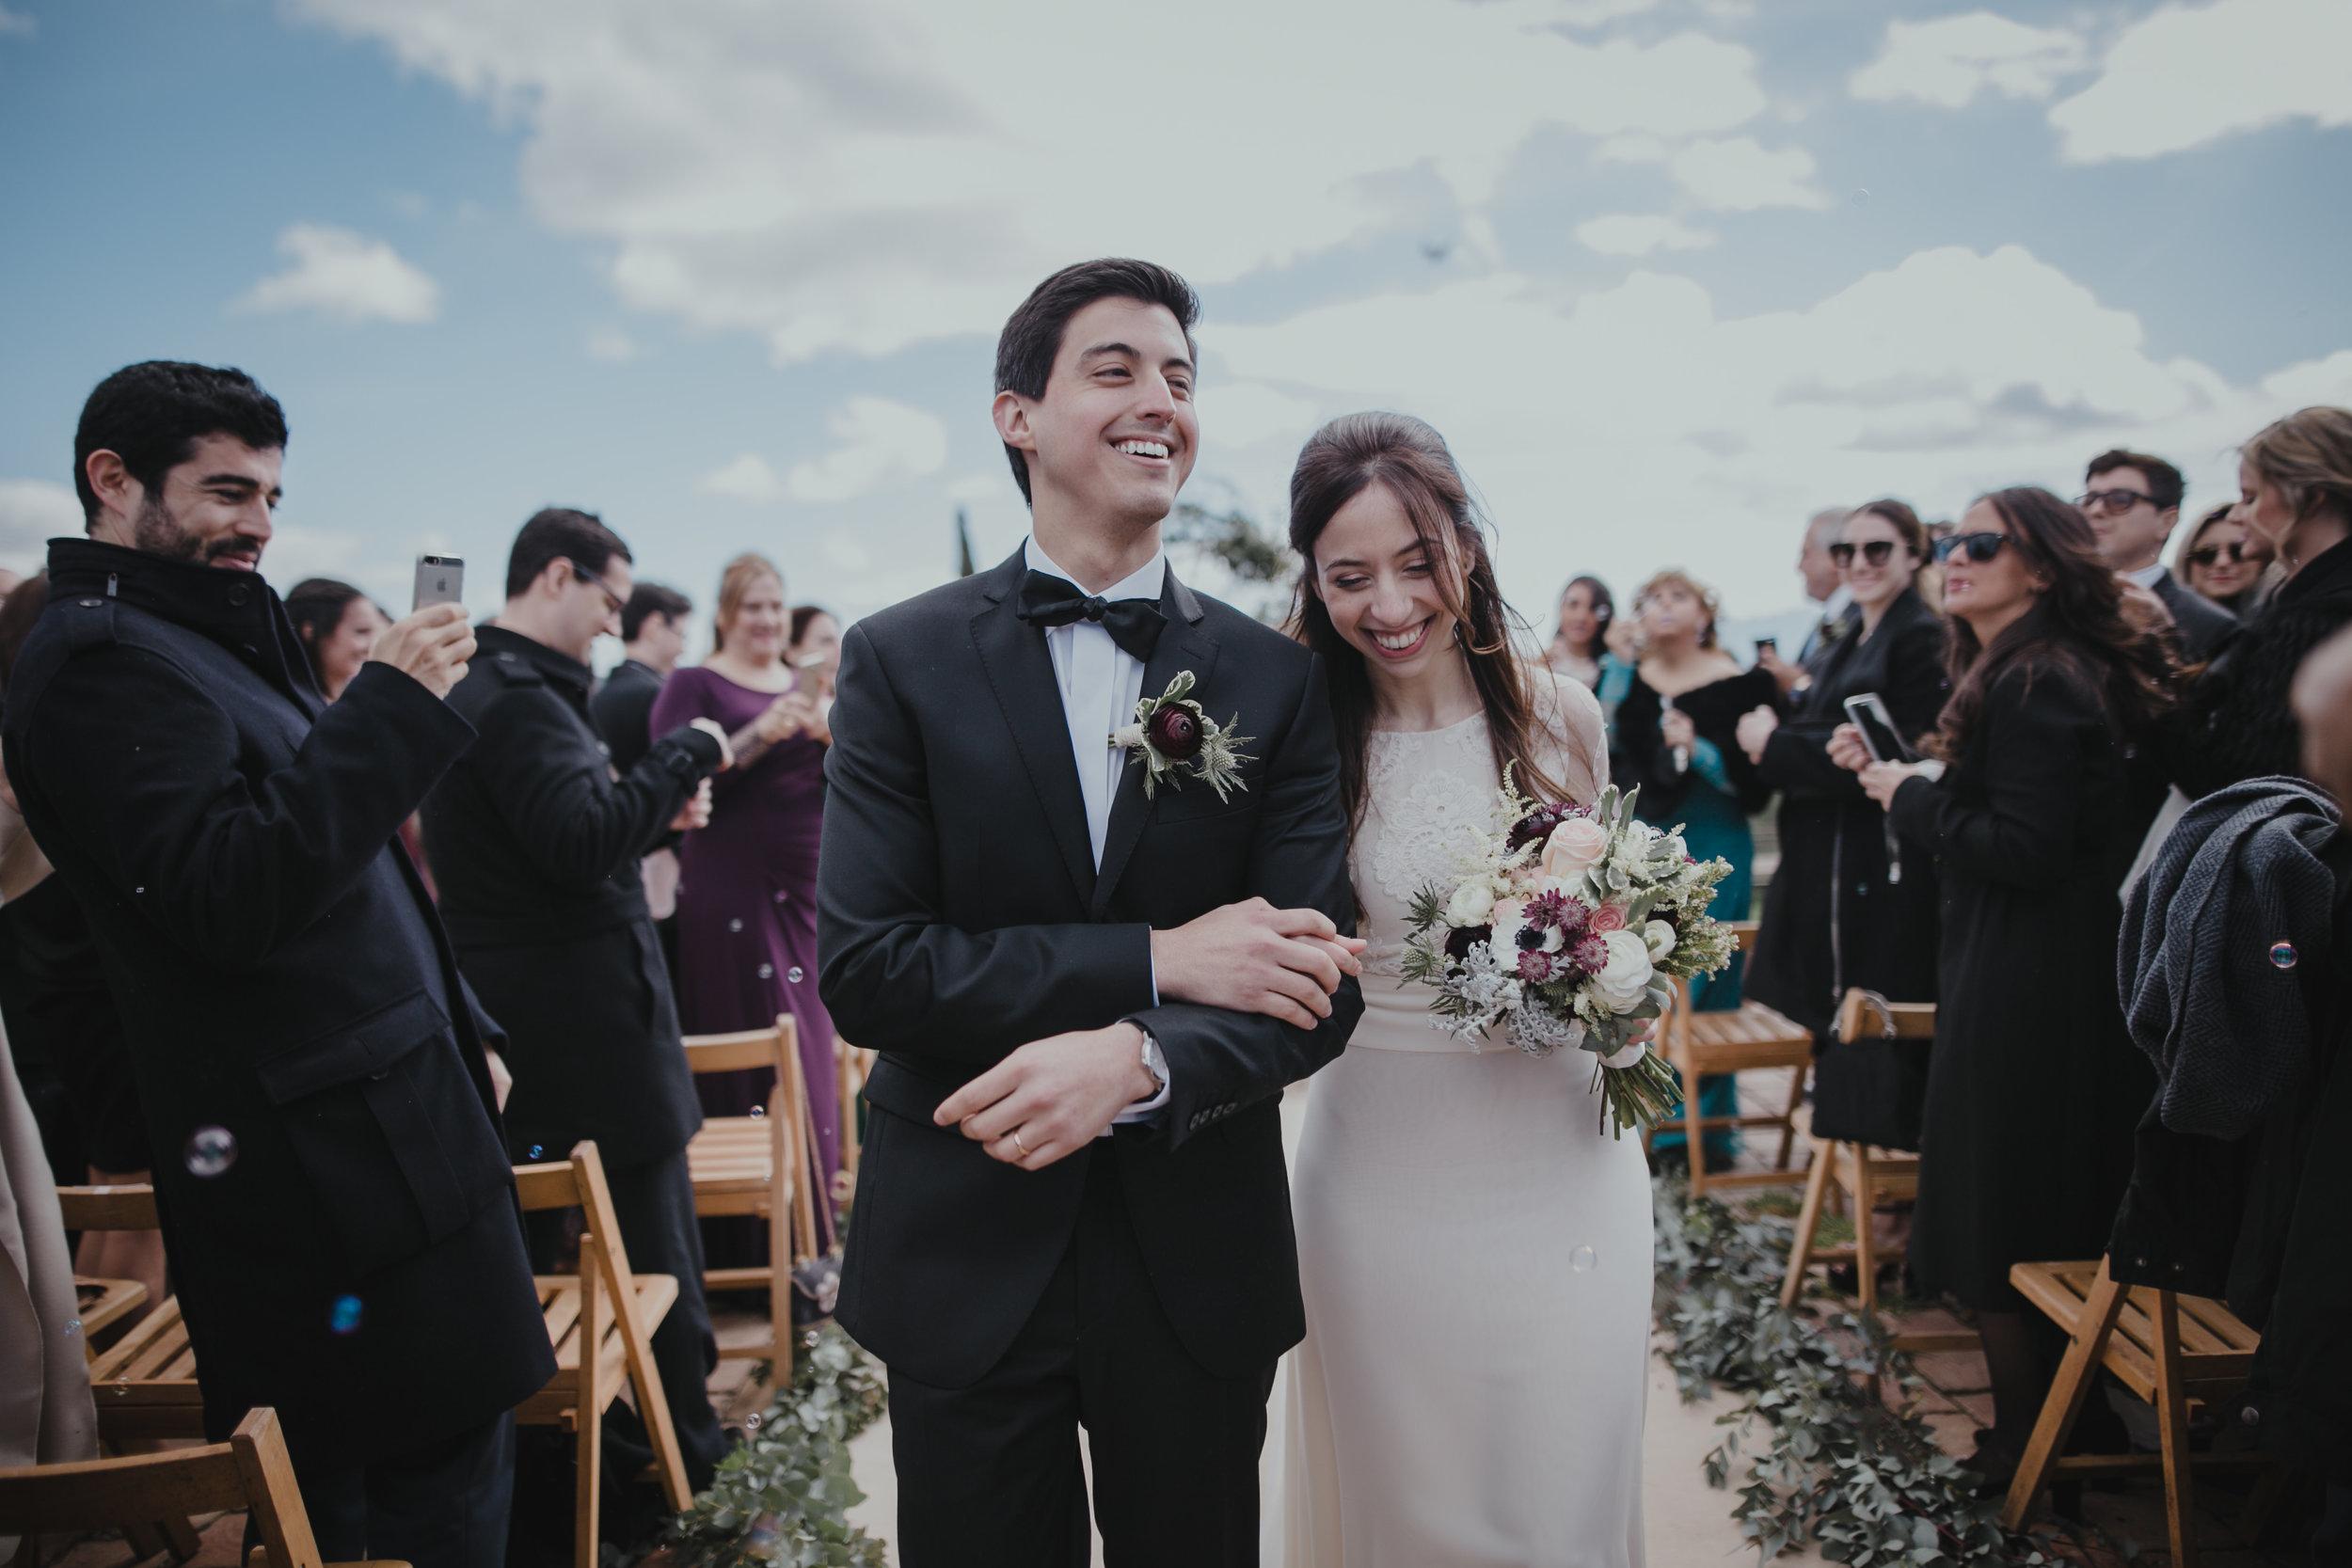 Fotografo de bodas españa serafin castillo wedding photographer spain 044.jpg